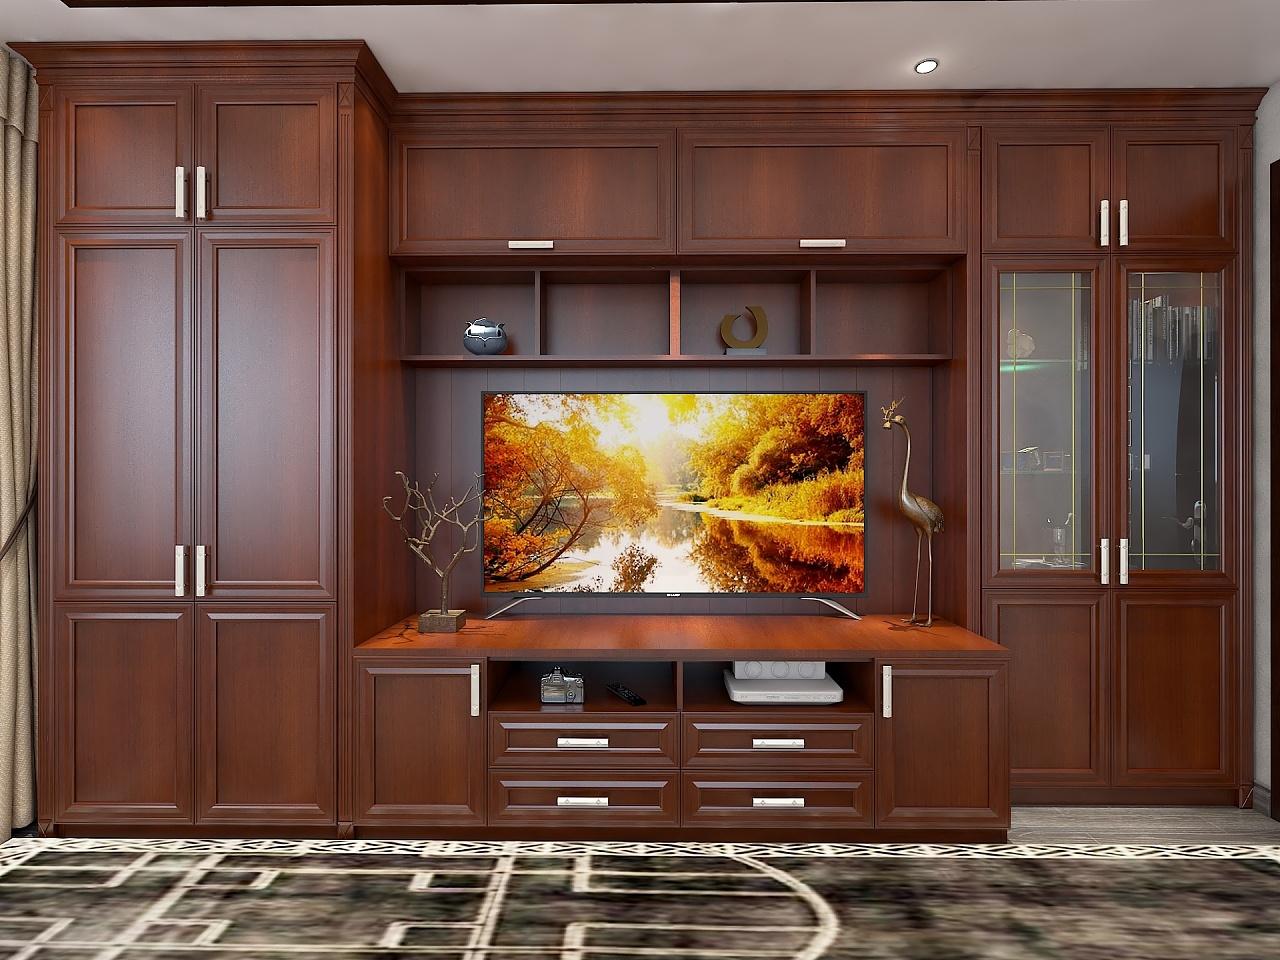 老人房电视柜.衣柜.装饰柜.三阶梯.   罗马柱更显立体感.图片